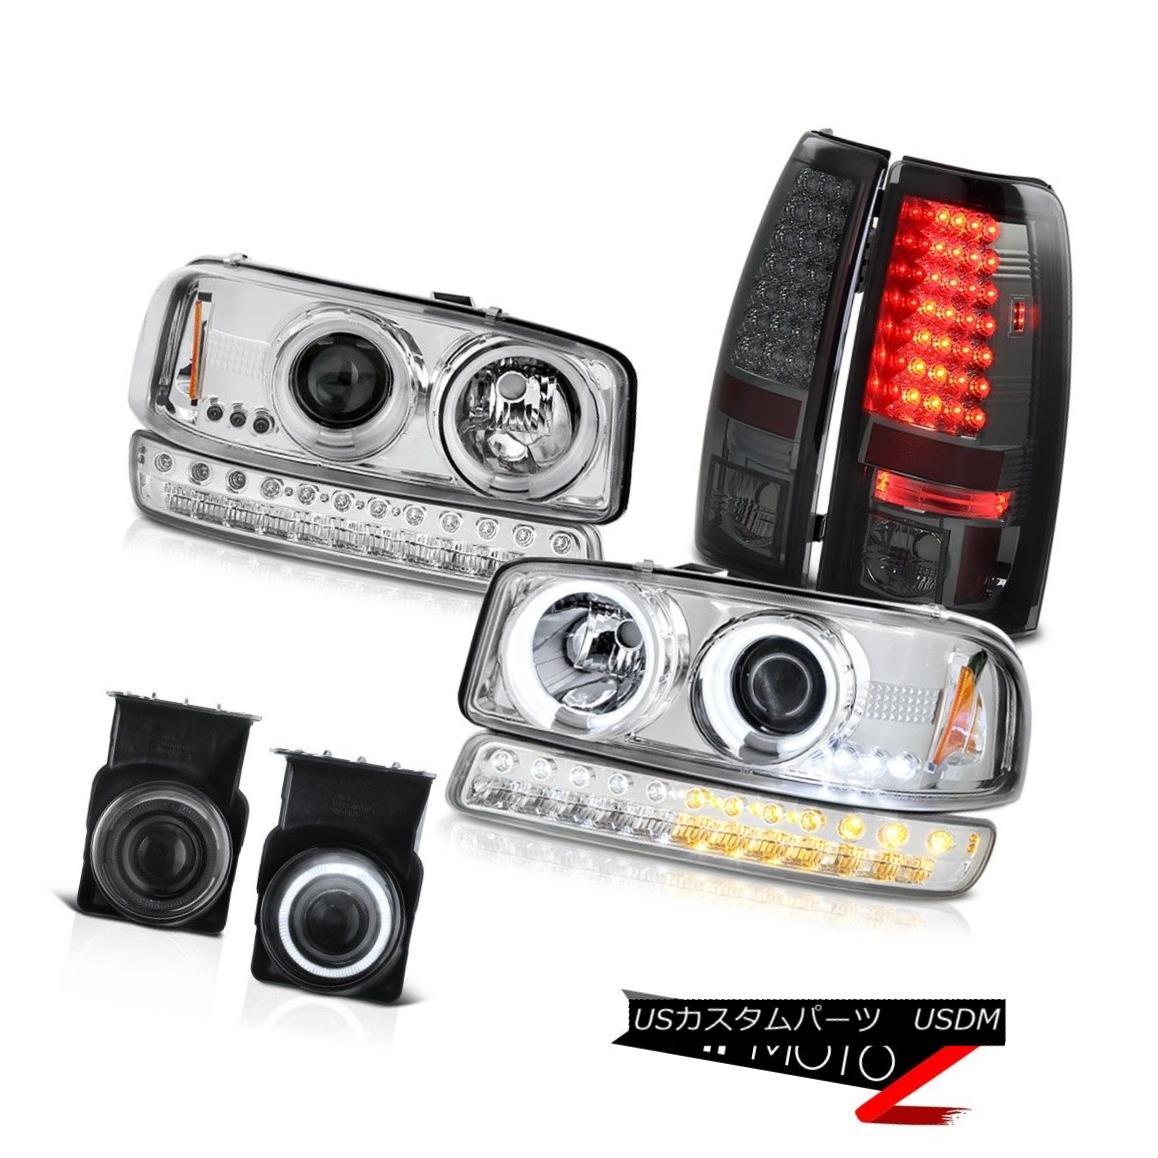 ヘッドライト 03 04 05 06 GMC Sierra Smoked Fog Lights Parking Brake Signal Light Headlamps 03 04 05 06 GMC Sierraスモークフォグライトパーキングブレーキシグナルライトヘッドランプ